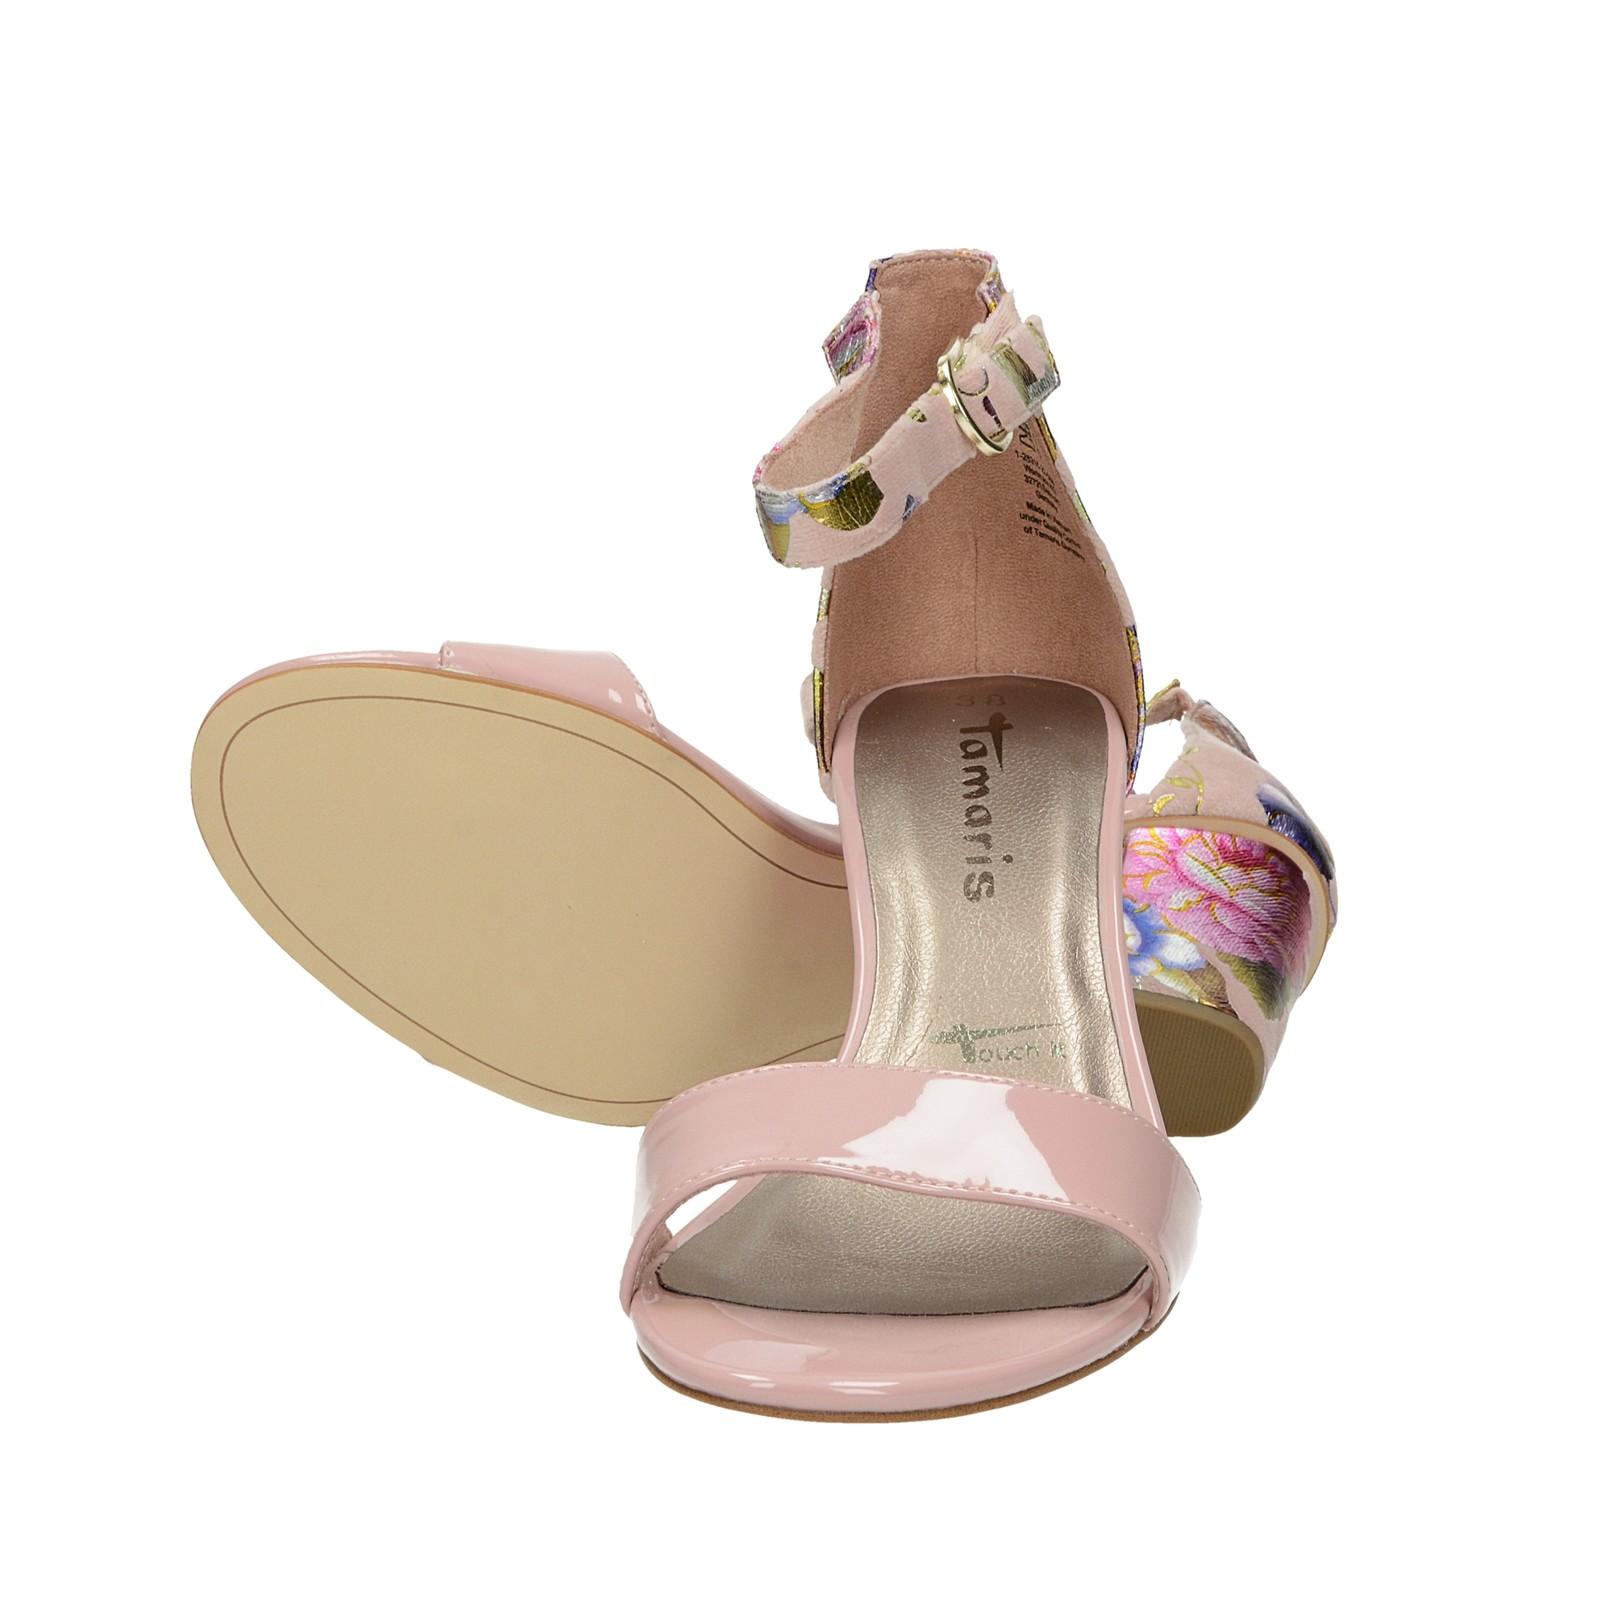 b0499a4d0280 ... Tamaris dámske štýlové kvetinové sandále - ružové ...